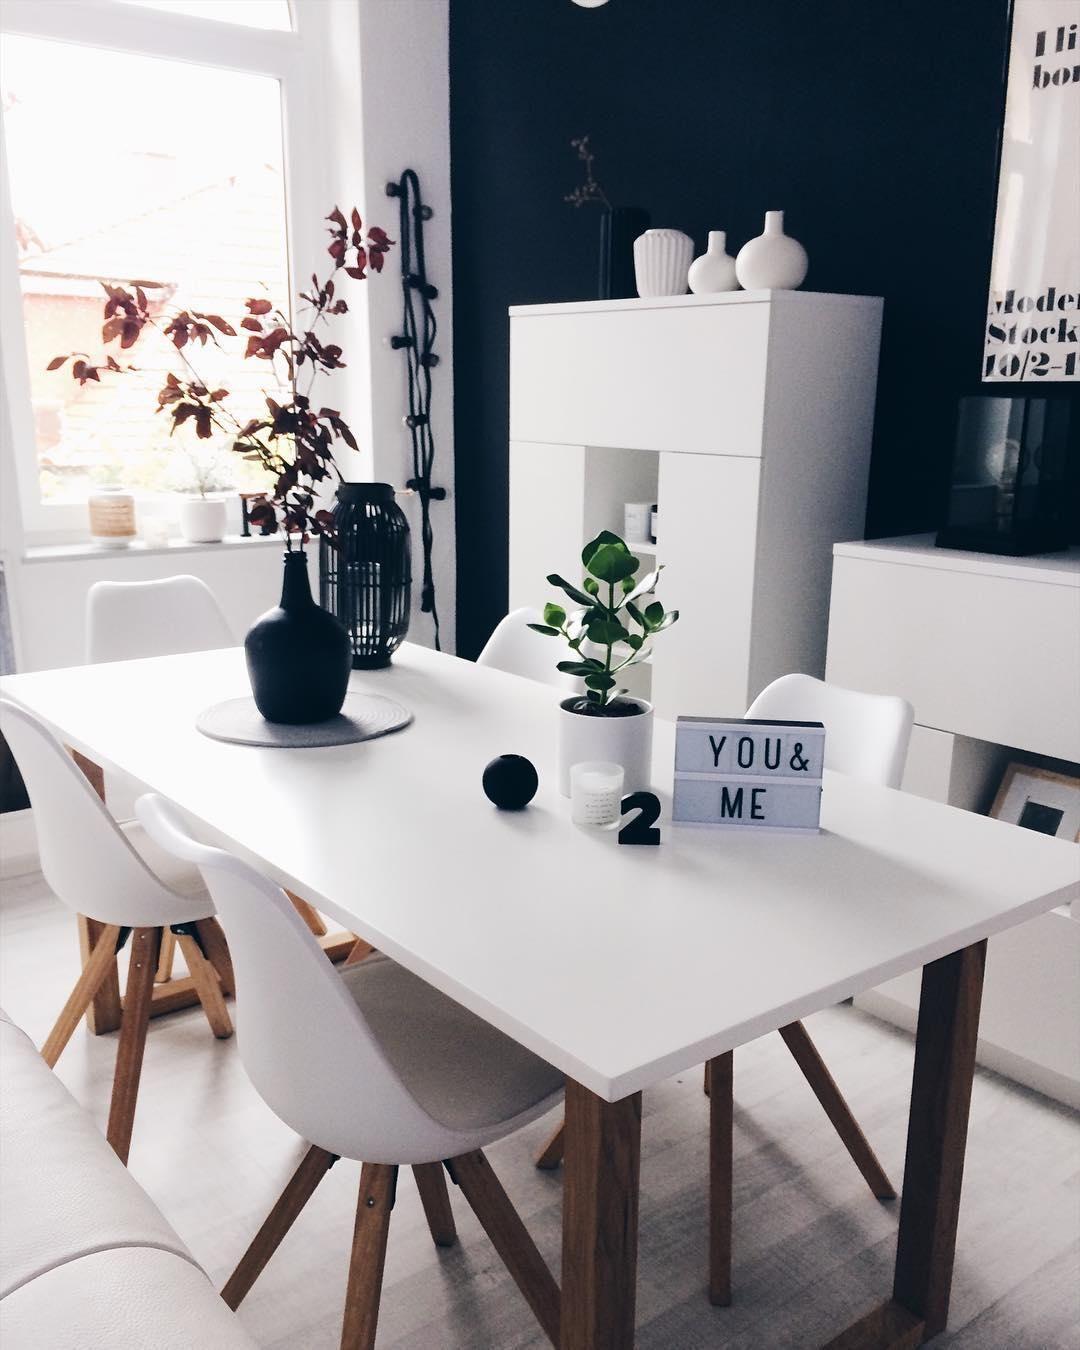 die st hle max von jella jorg passen mit ihrem erfrischendes design perfekt in das helle. Black Bedroom Furniture Sets. Home Design Ideas